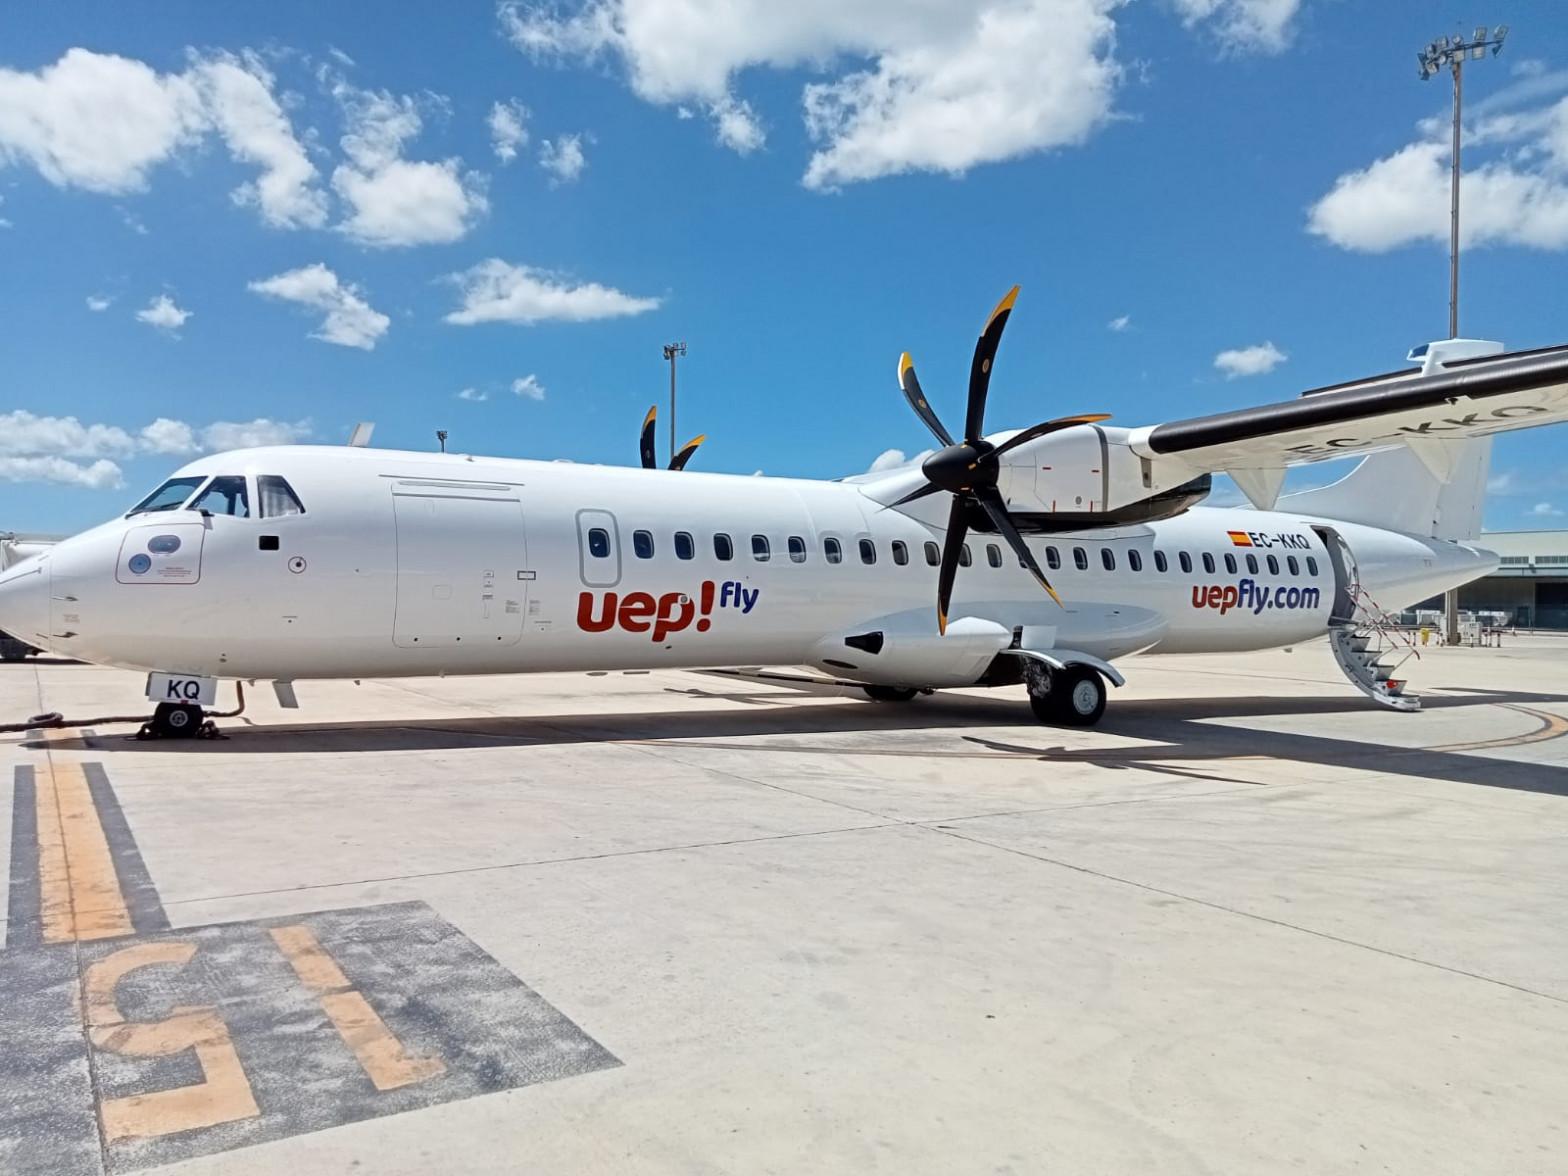 Aerolínea Uep Fly